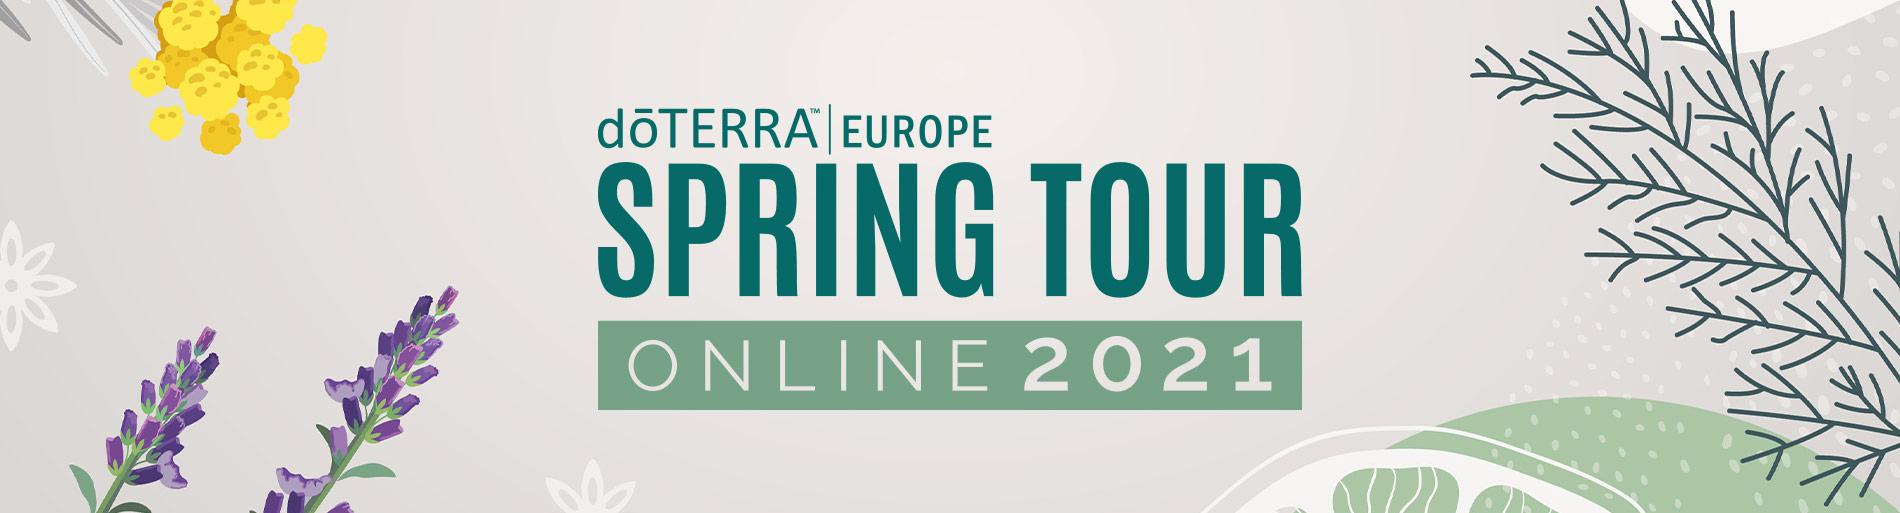 doTerra Spring Tour